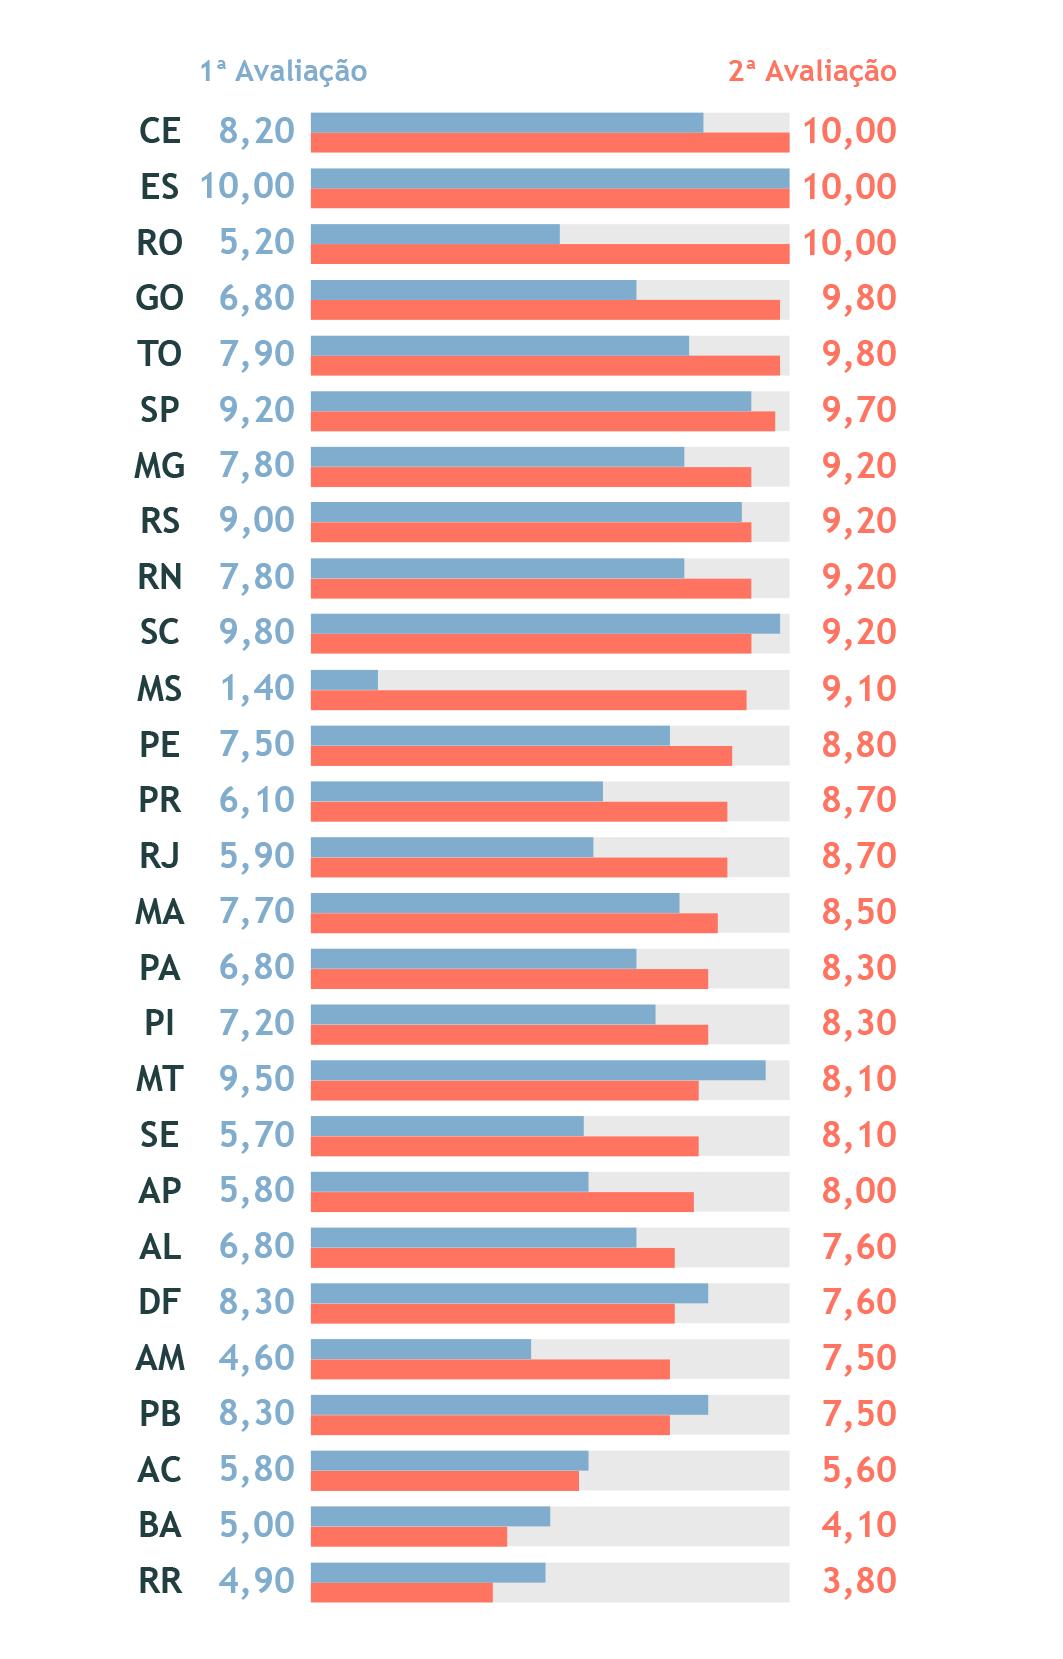 indice-transparencia-media-estadual-comparacao.png